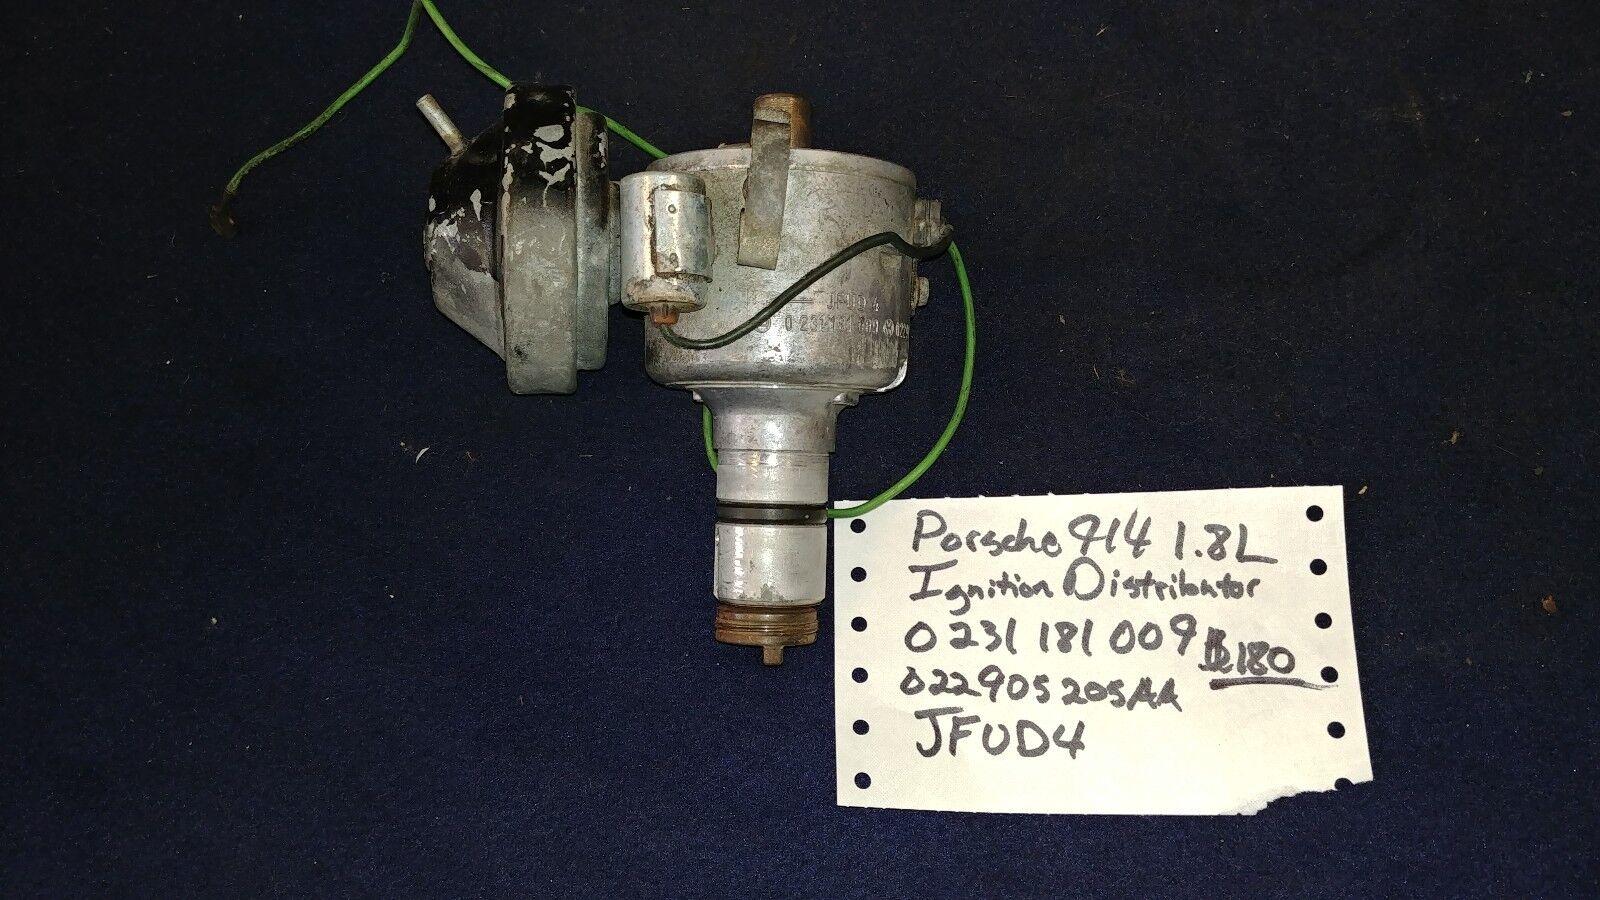 Porsche 914 Bosch Ignition Distributor 0231181009 Jfud4 Ebay Wiring Norton Secured Powered By Verisign